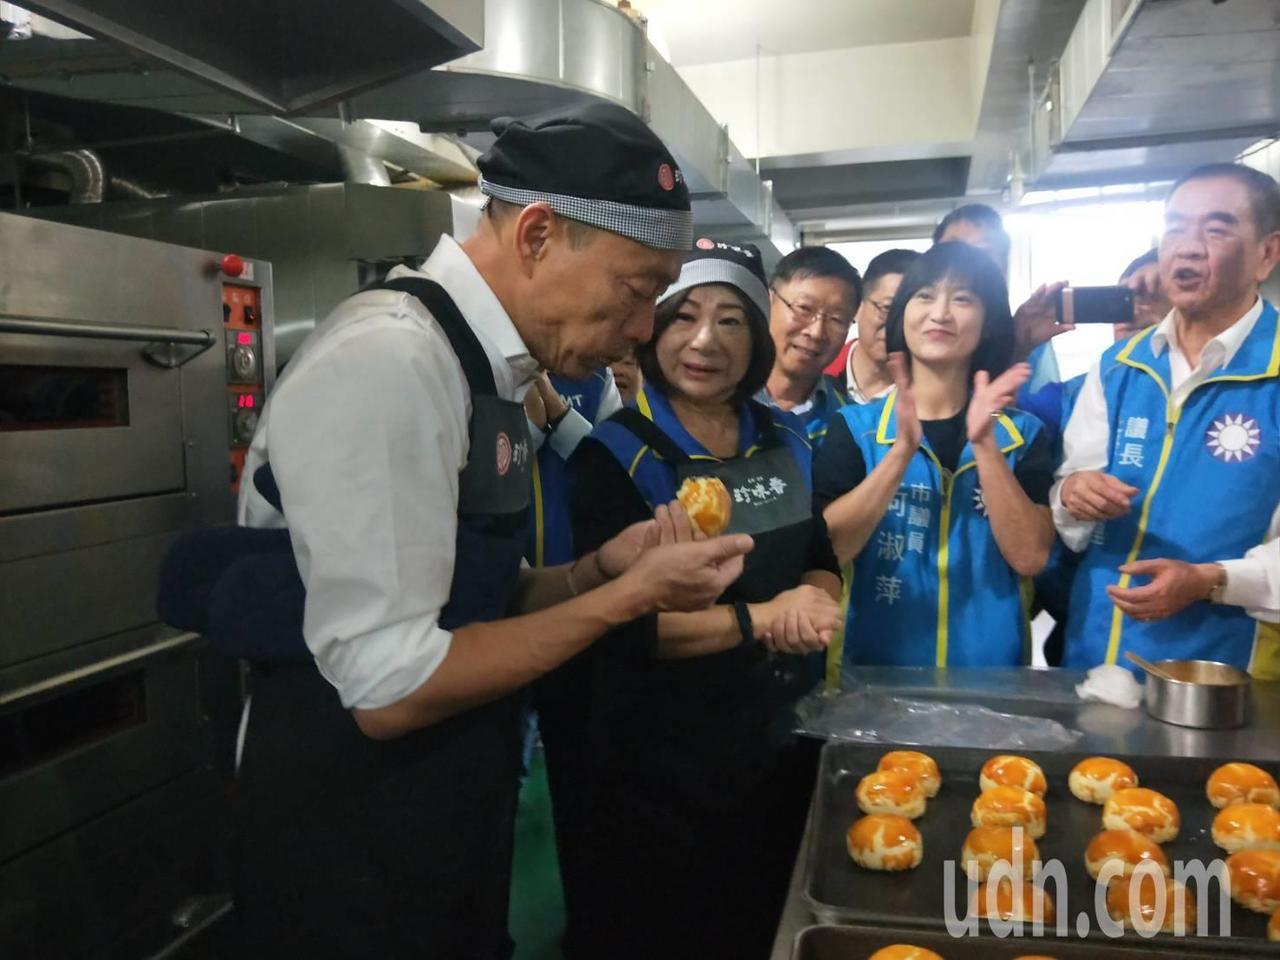 韓國瑜親自做帝王酥說,「有一種很奇妙的感覺」。記者游明煌/攝影